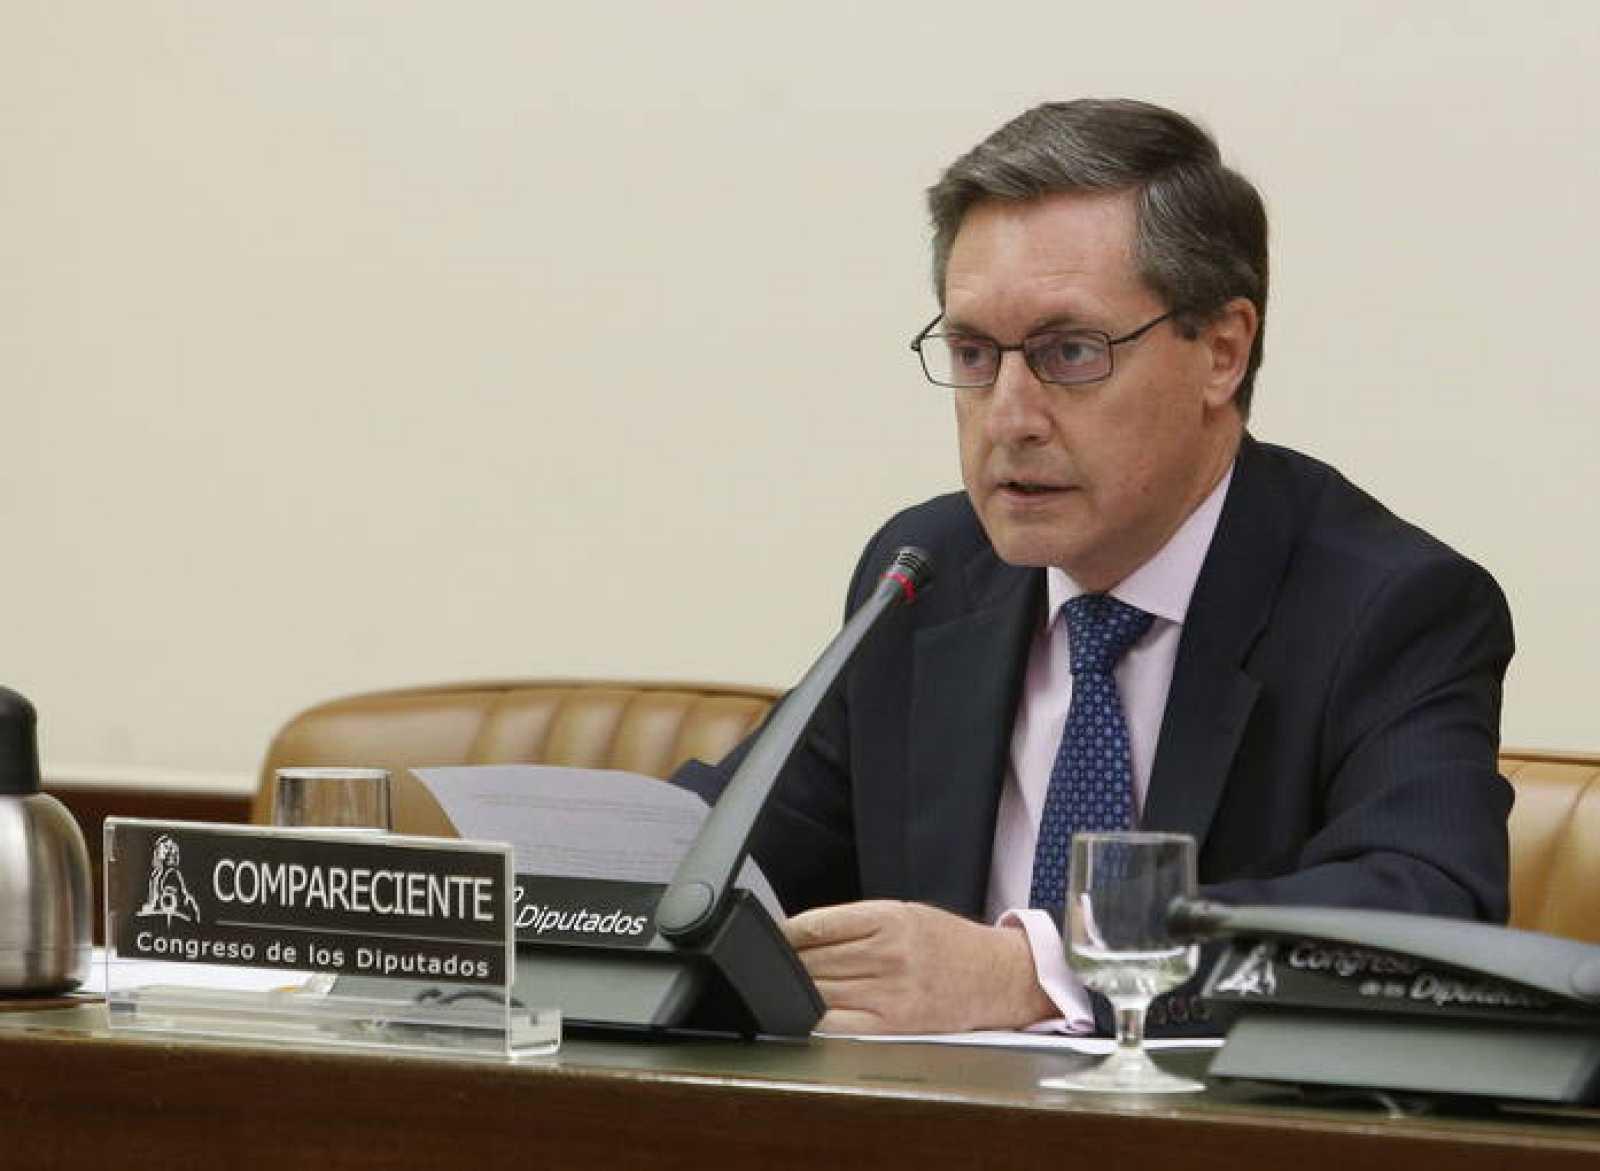 El director general de la Agencia Tributaria (AEAT), Santiago Menéndez, en el Congreso